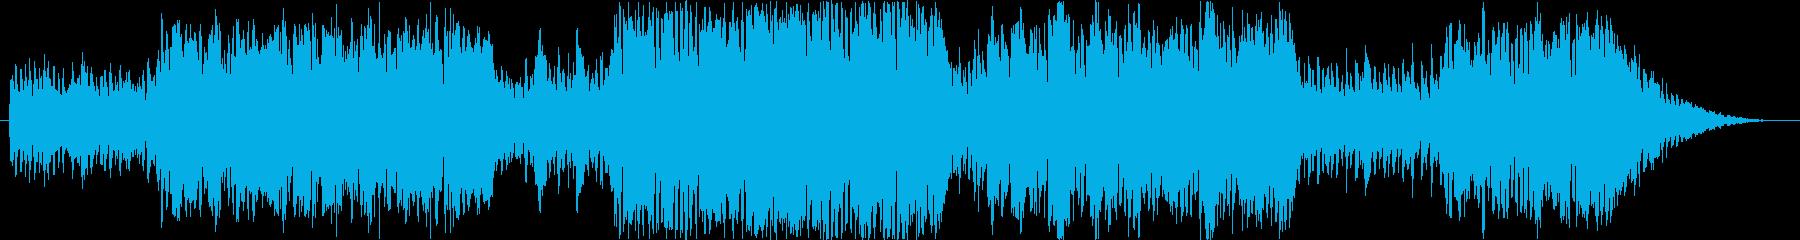 コミカルな雰囲気のオーケストラBGMの再生済みの波形